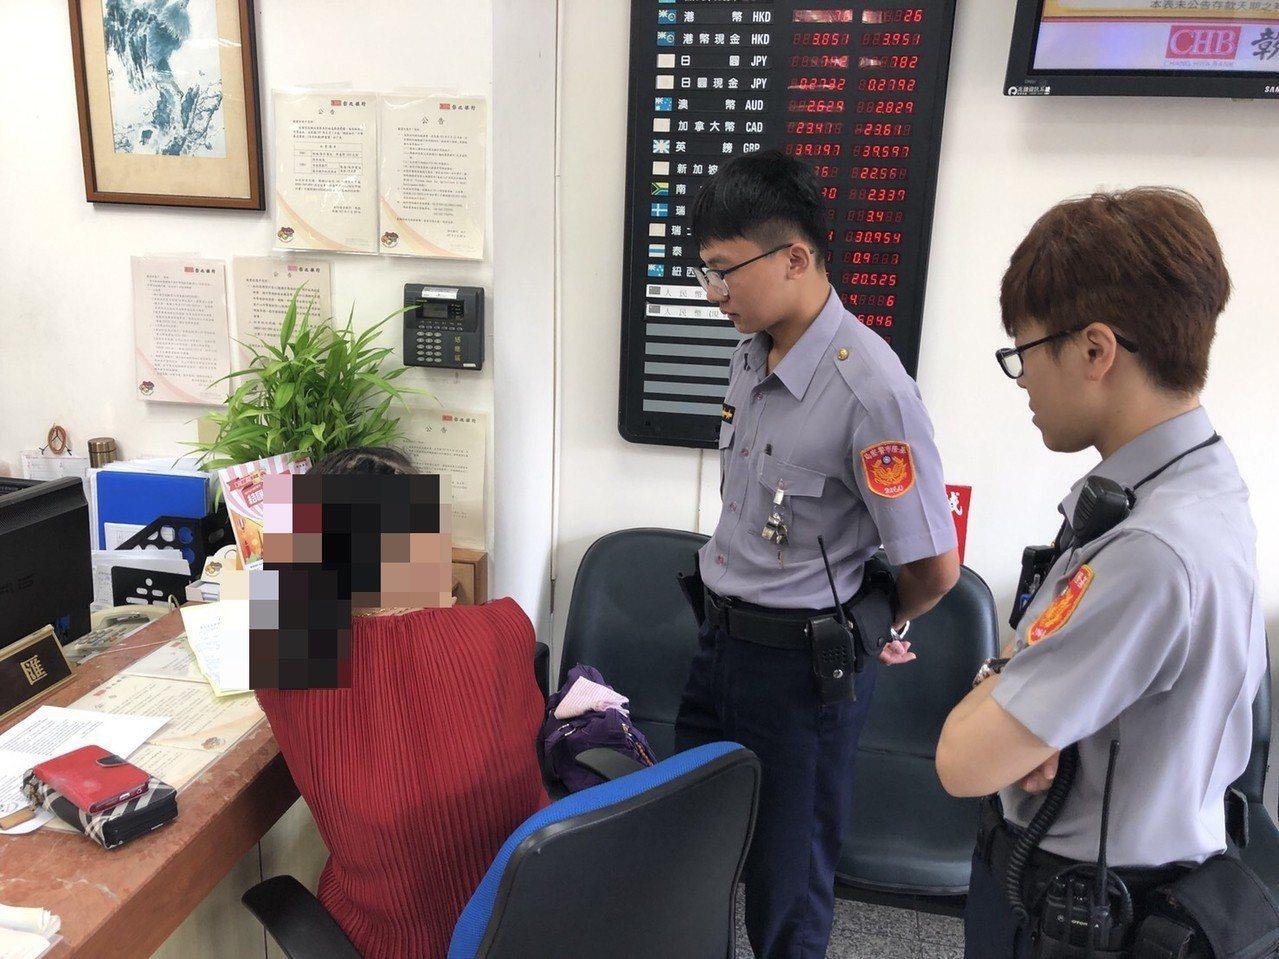 一名女子差點被騙匯款,員警到場勸阻。圖/警方提供